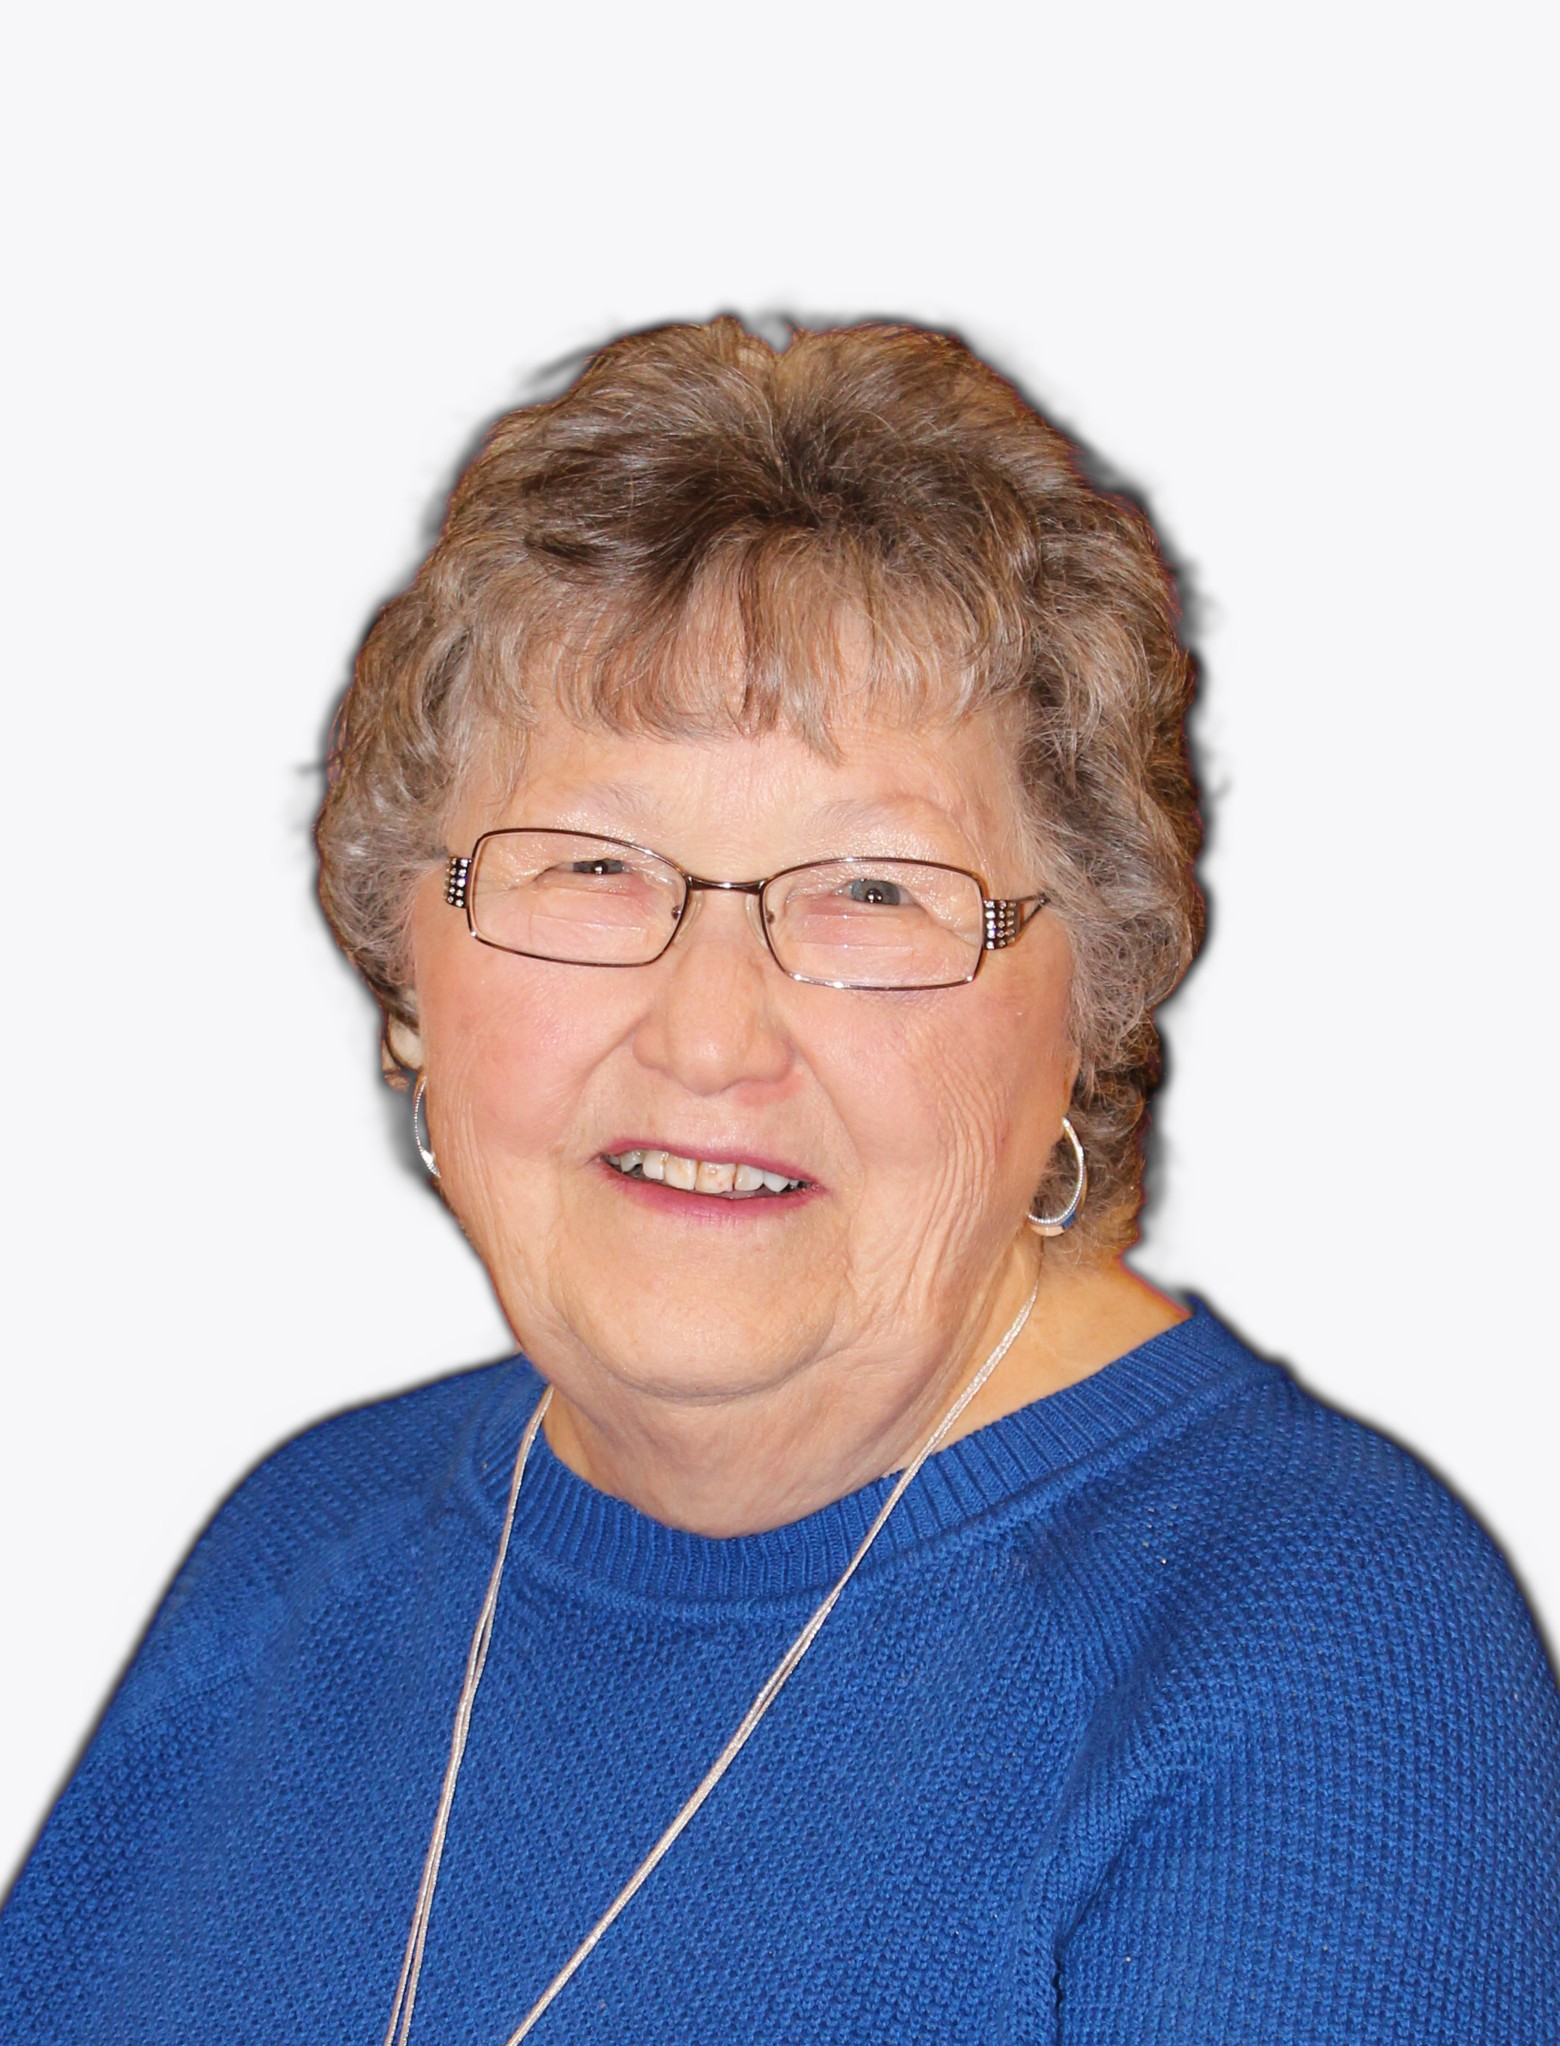 Ann (Popken) Mortensen, age 81, of Lincoln, NE formerly of Wisner, NE